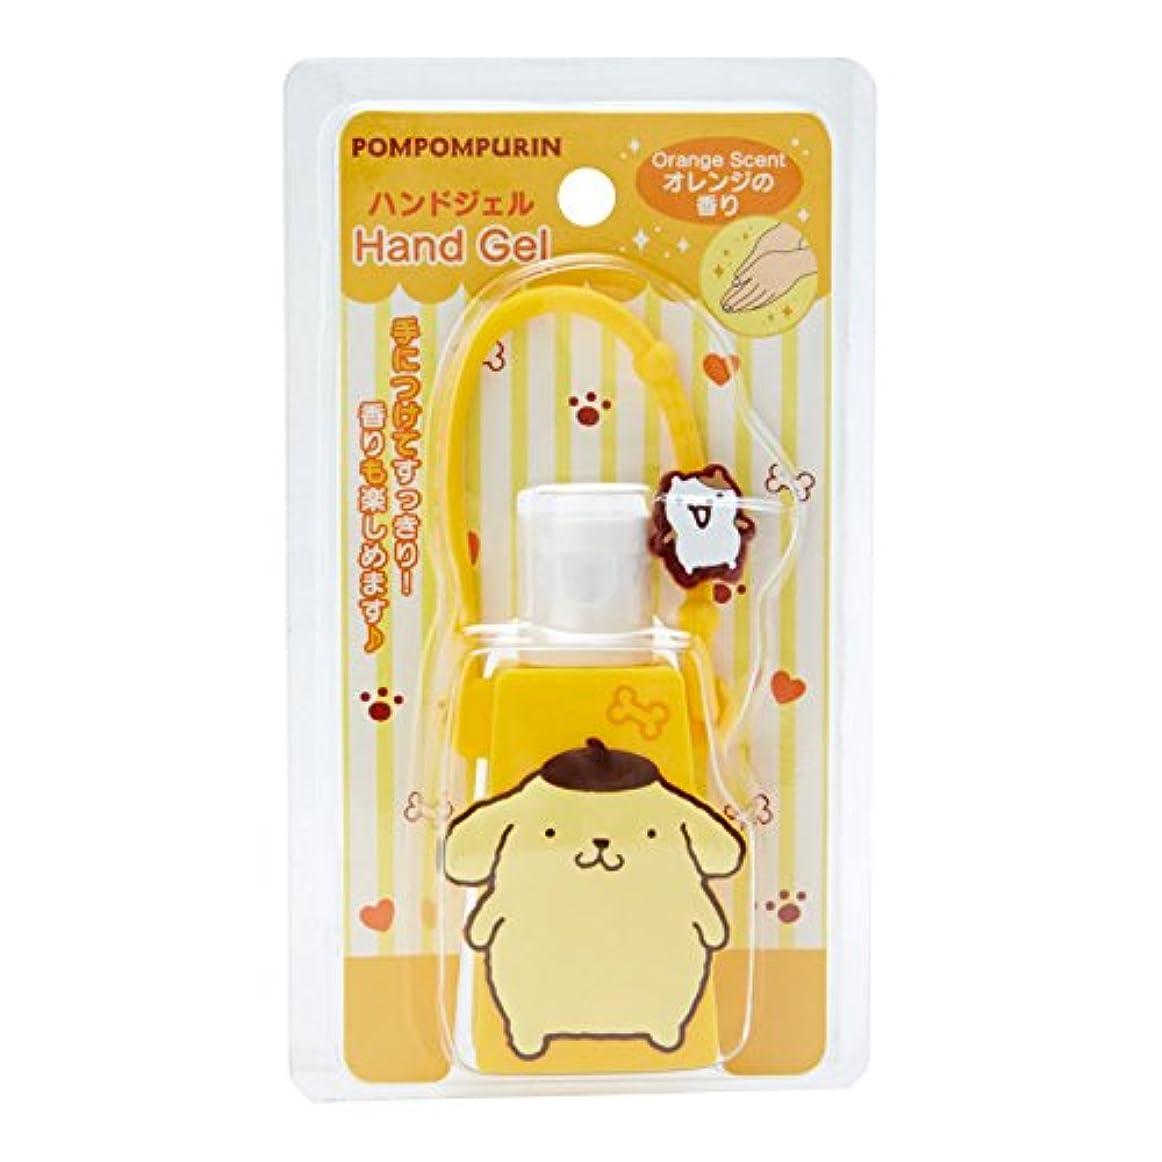 いまふさわしい咳ポムポムプリン 携帯ハンドジェル(オレンジの香り)